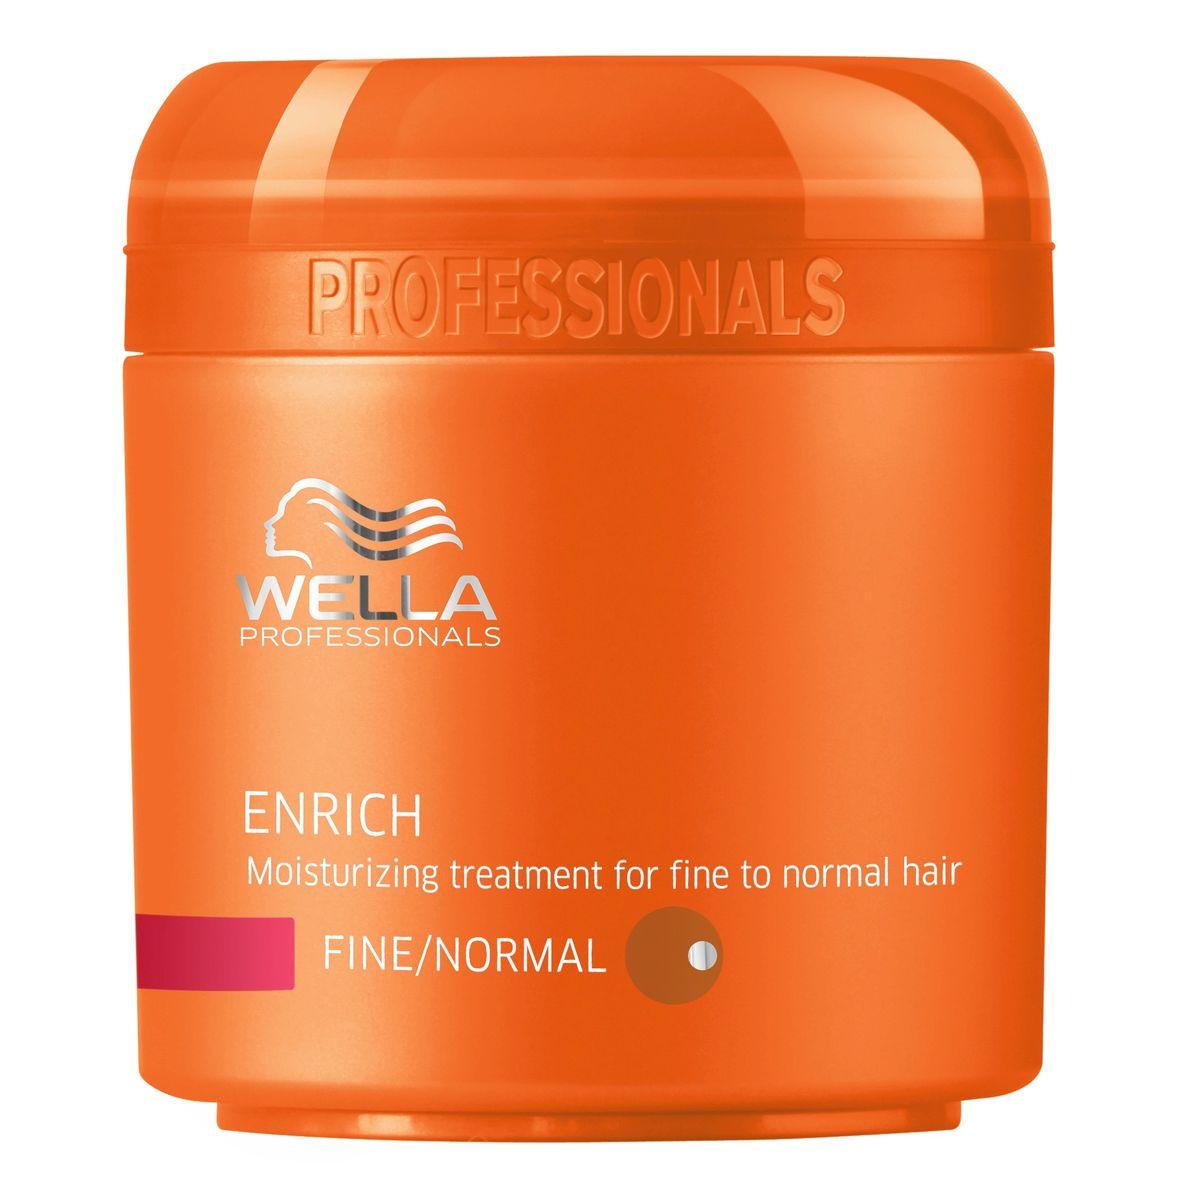 Wella Питательная крем-маска Enrich Line для нормальных и тонких волос, 150 мл086-9-36169Для нормальных и тонких волос отлично подходит специальная питательная крем-маска от Wella, содержащая натуральные компоненты. Данное средство используют в тех случаях, когда необходимо придать локонам насыщенный блеск и эластичность. Маска восстанавливает поврежденные волосы любой длины, увлажняет их, и все благодаря входящему в состав экстракту шелка. Ваши волосы получают полноценный уход и защиту от внешнего негативного воздействия.Упругость, сила, сияющий цвет волос все это обеспечивает вашим волосам крем-маска Wella.